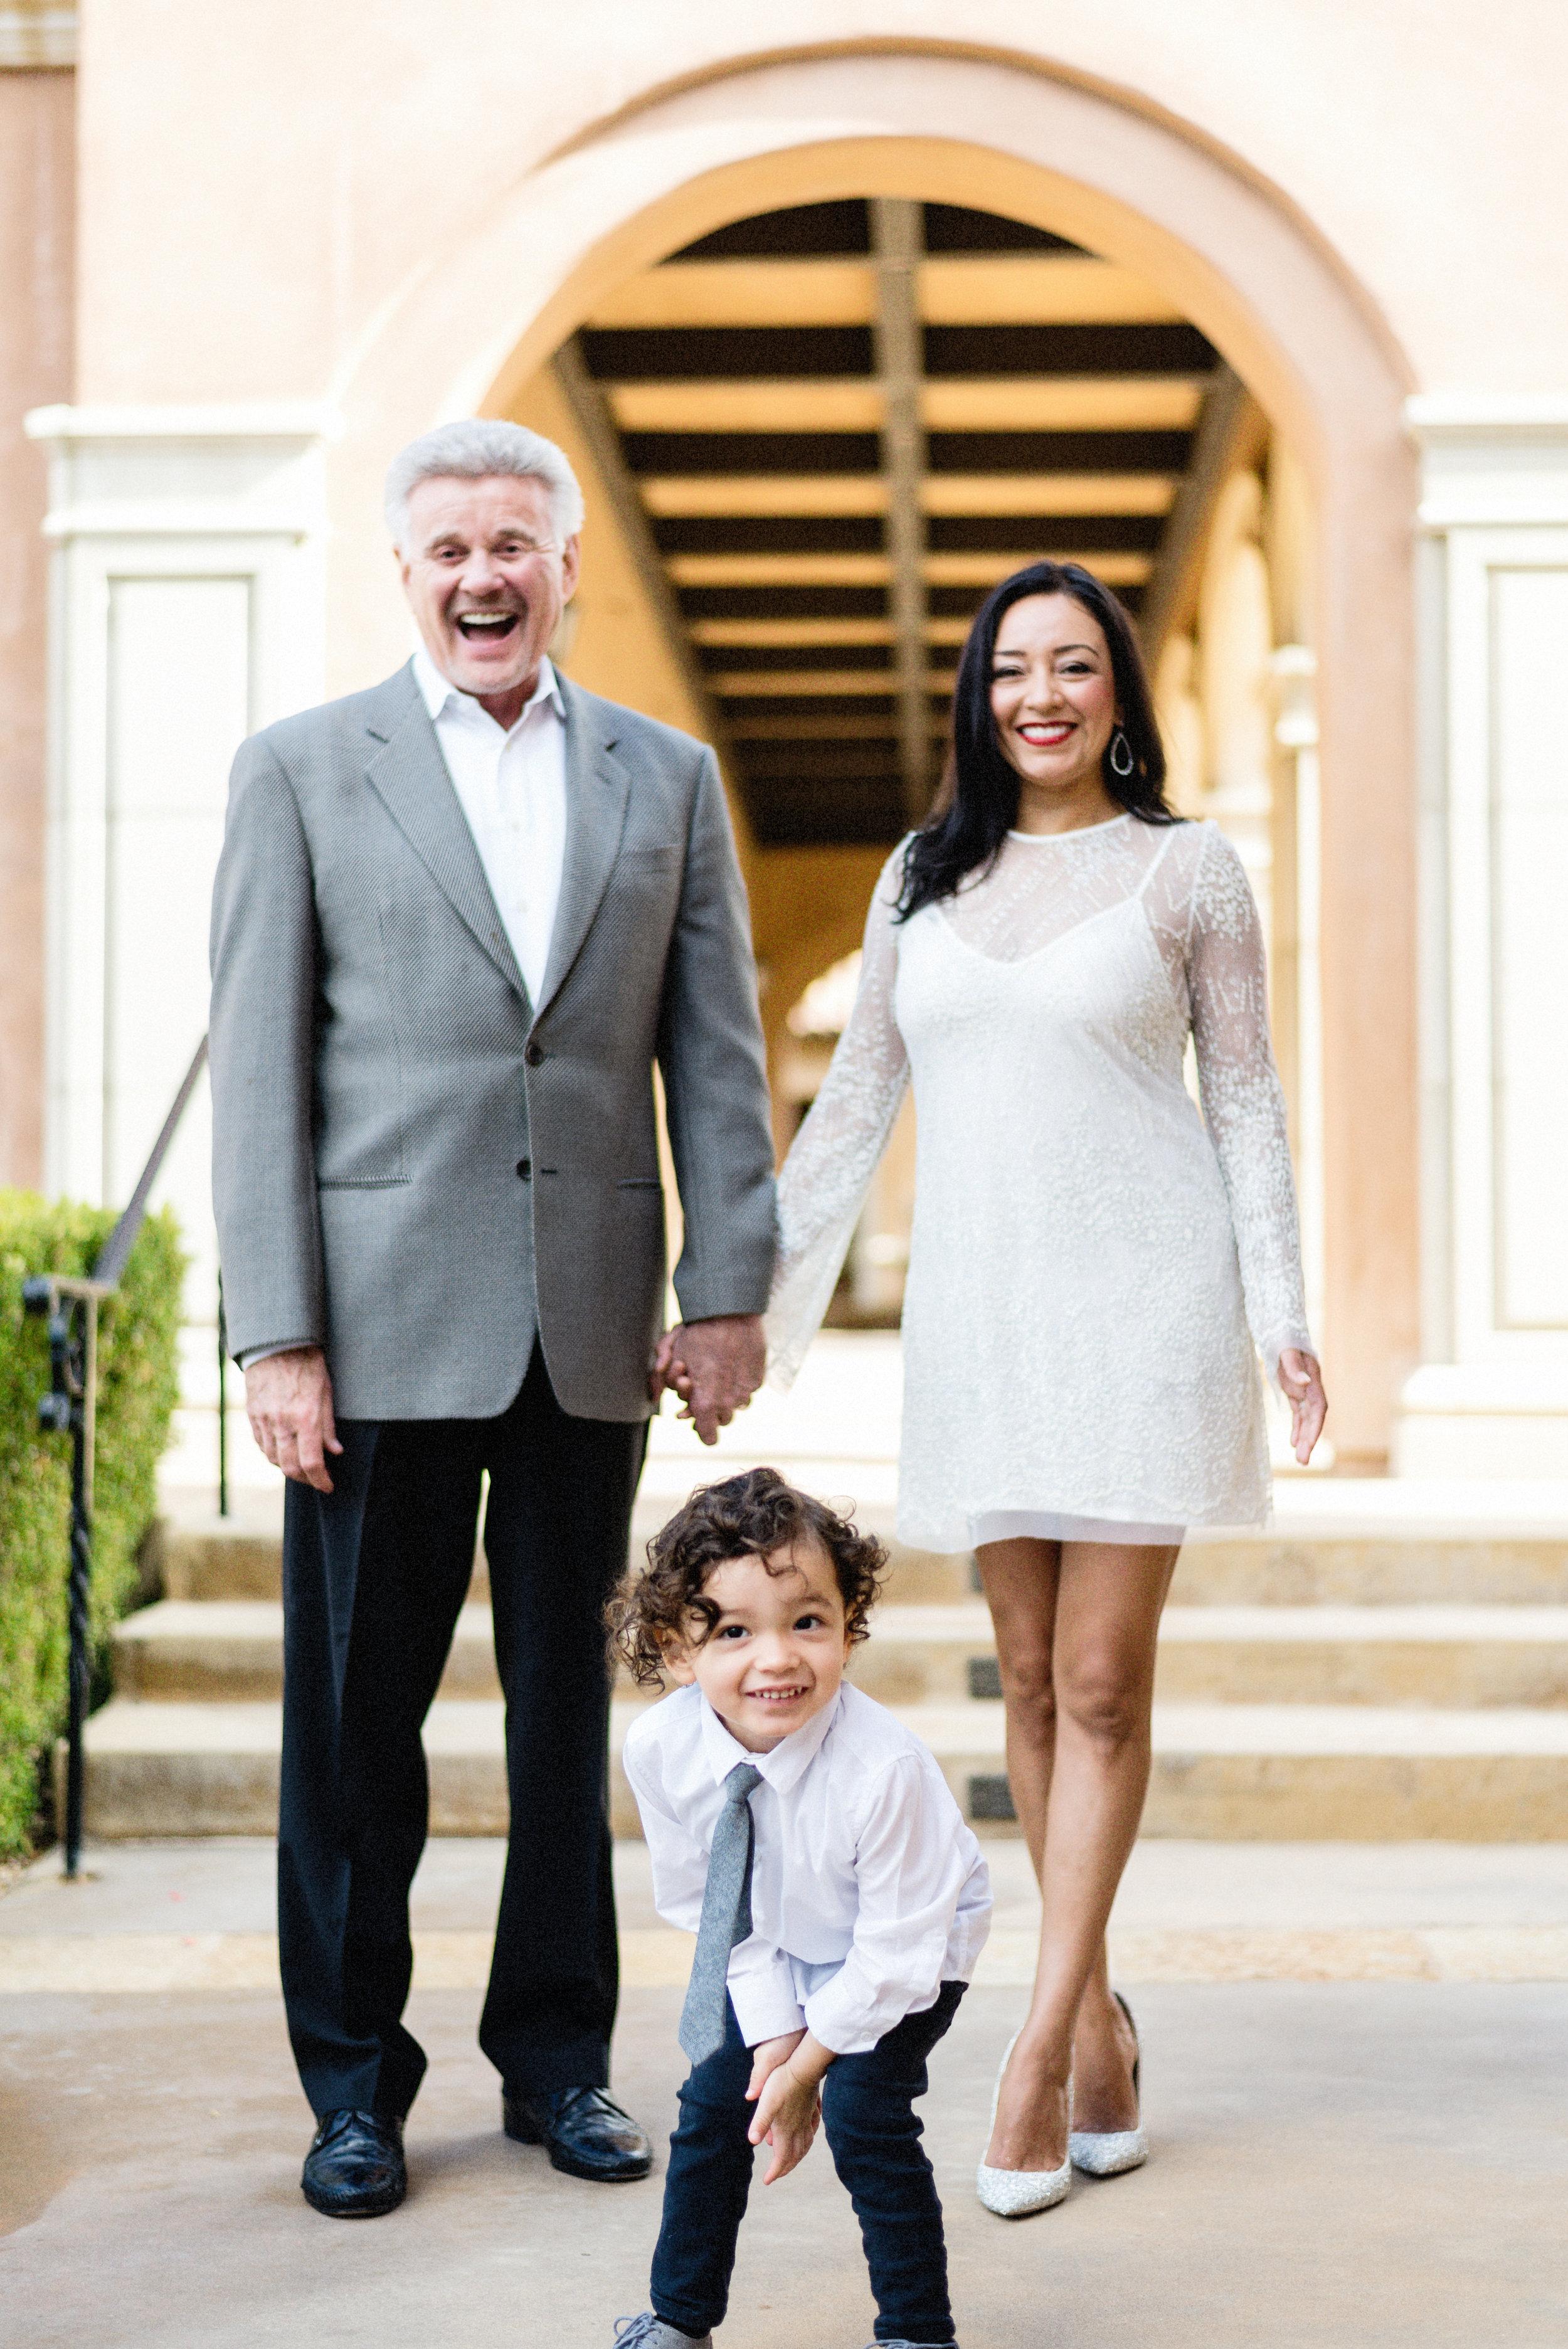 San Diego Portrait Photographer | Family Portrait